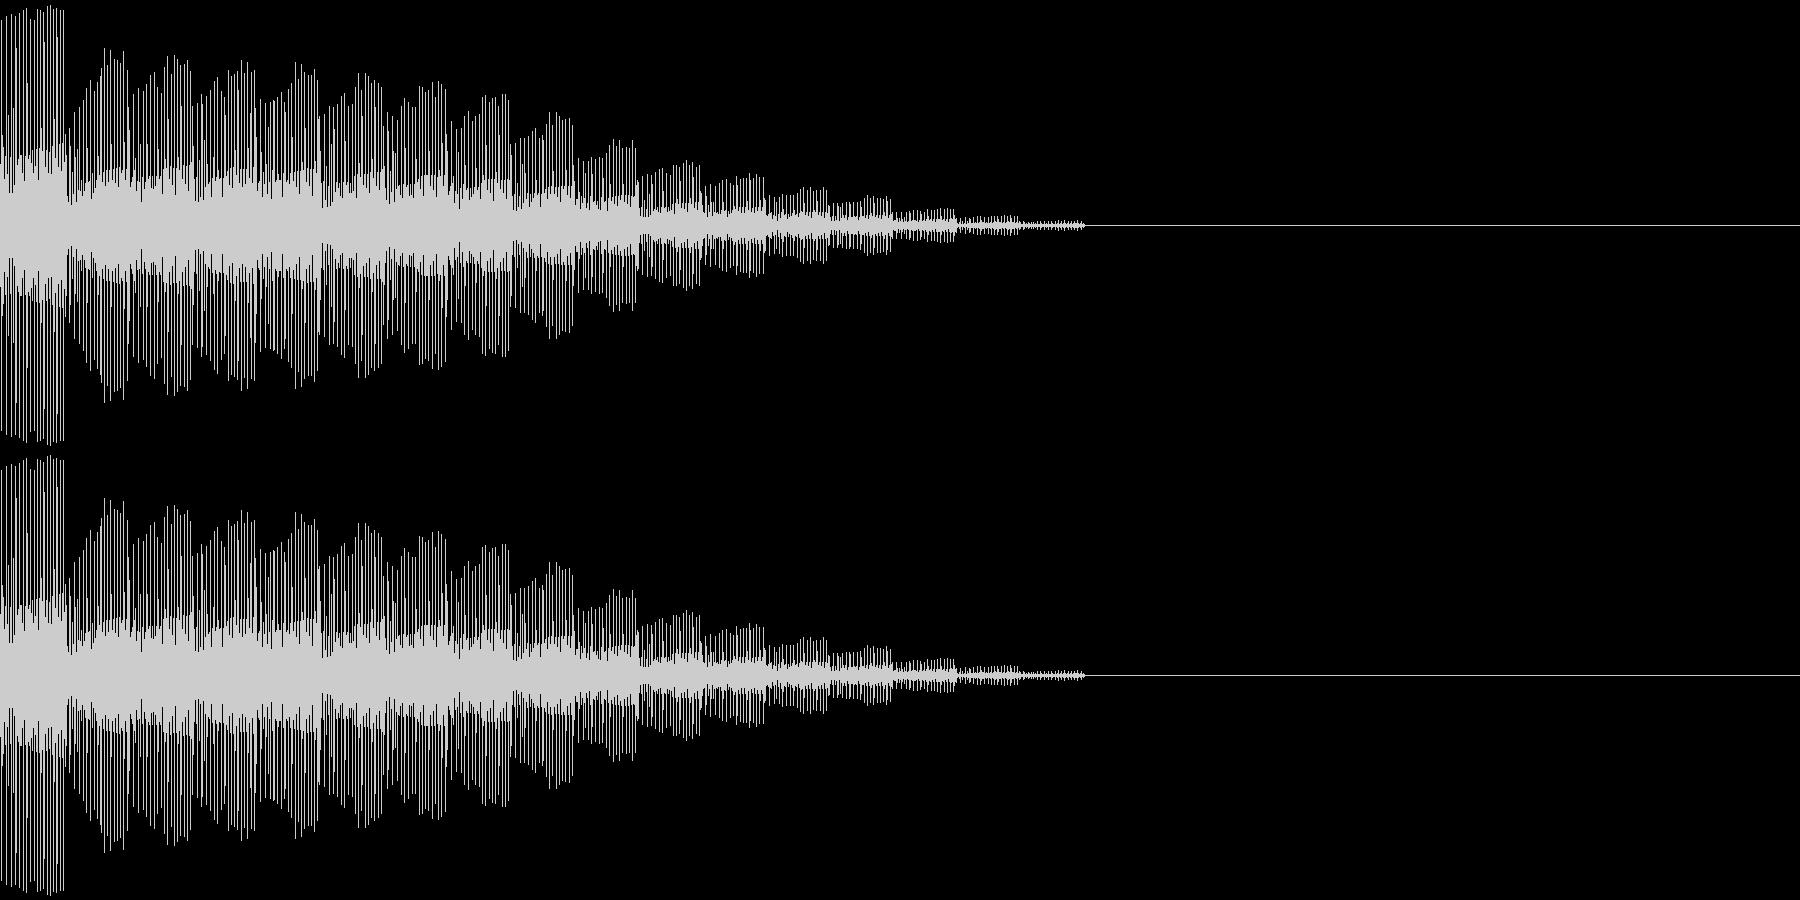 ピロロロロロンの未再生の波形